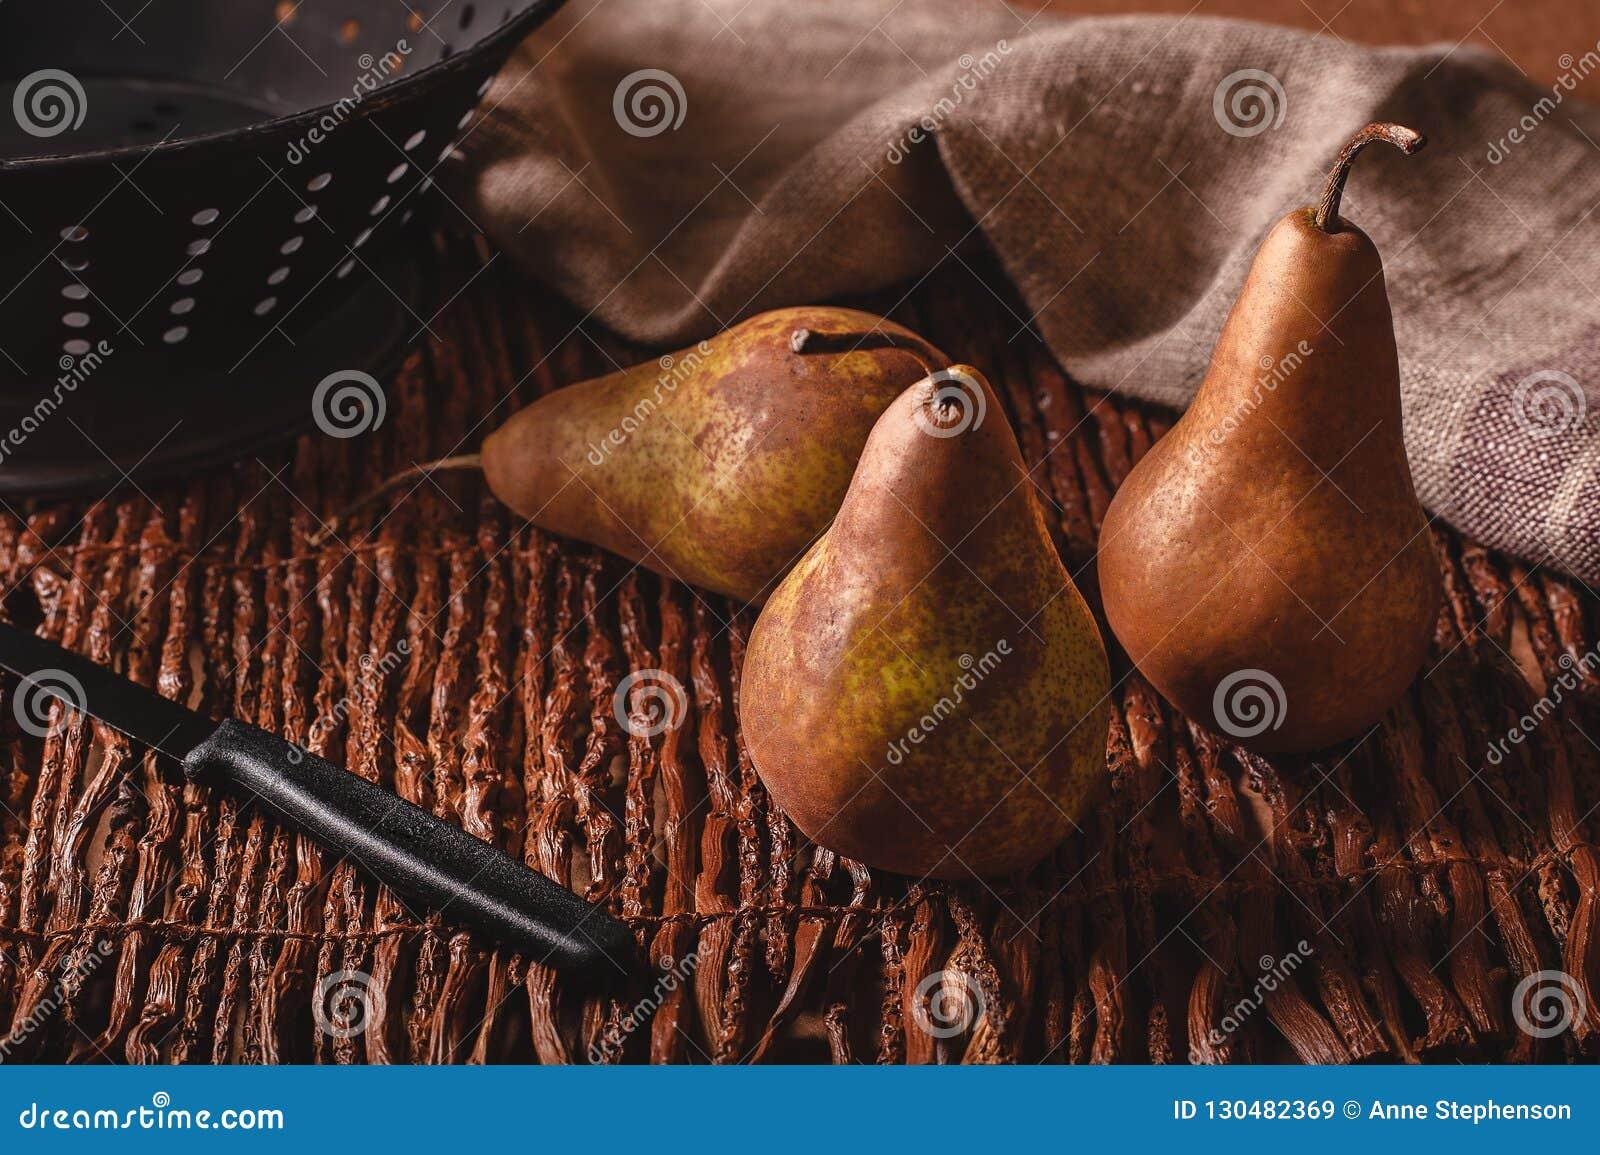 Stillebenplatsen av tre päron, den vävde en skala kniv, durkslaget och handduken på fattar bakgrund